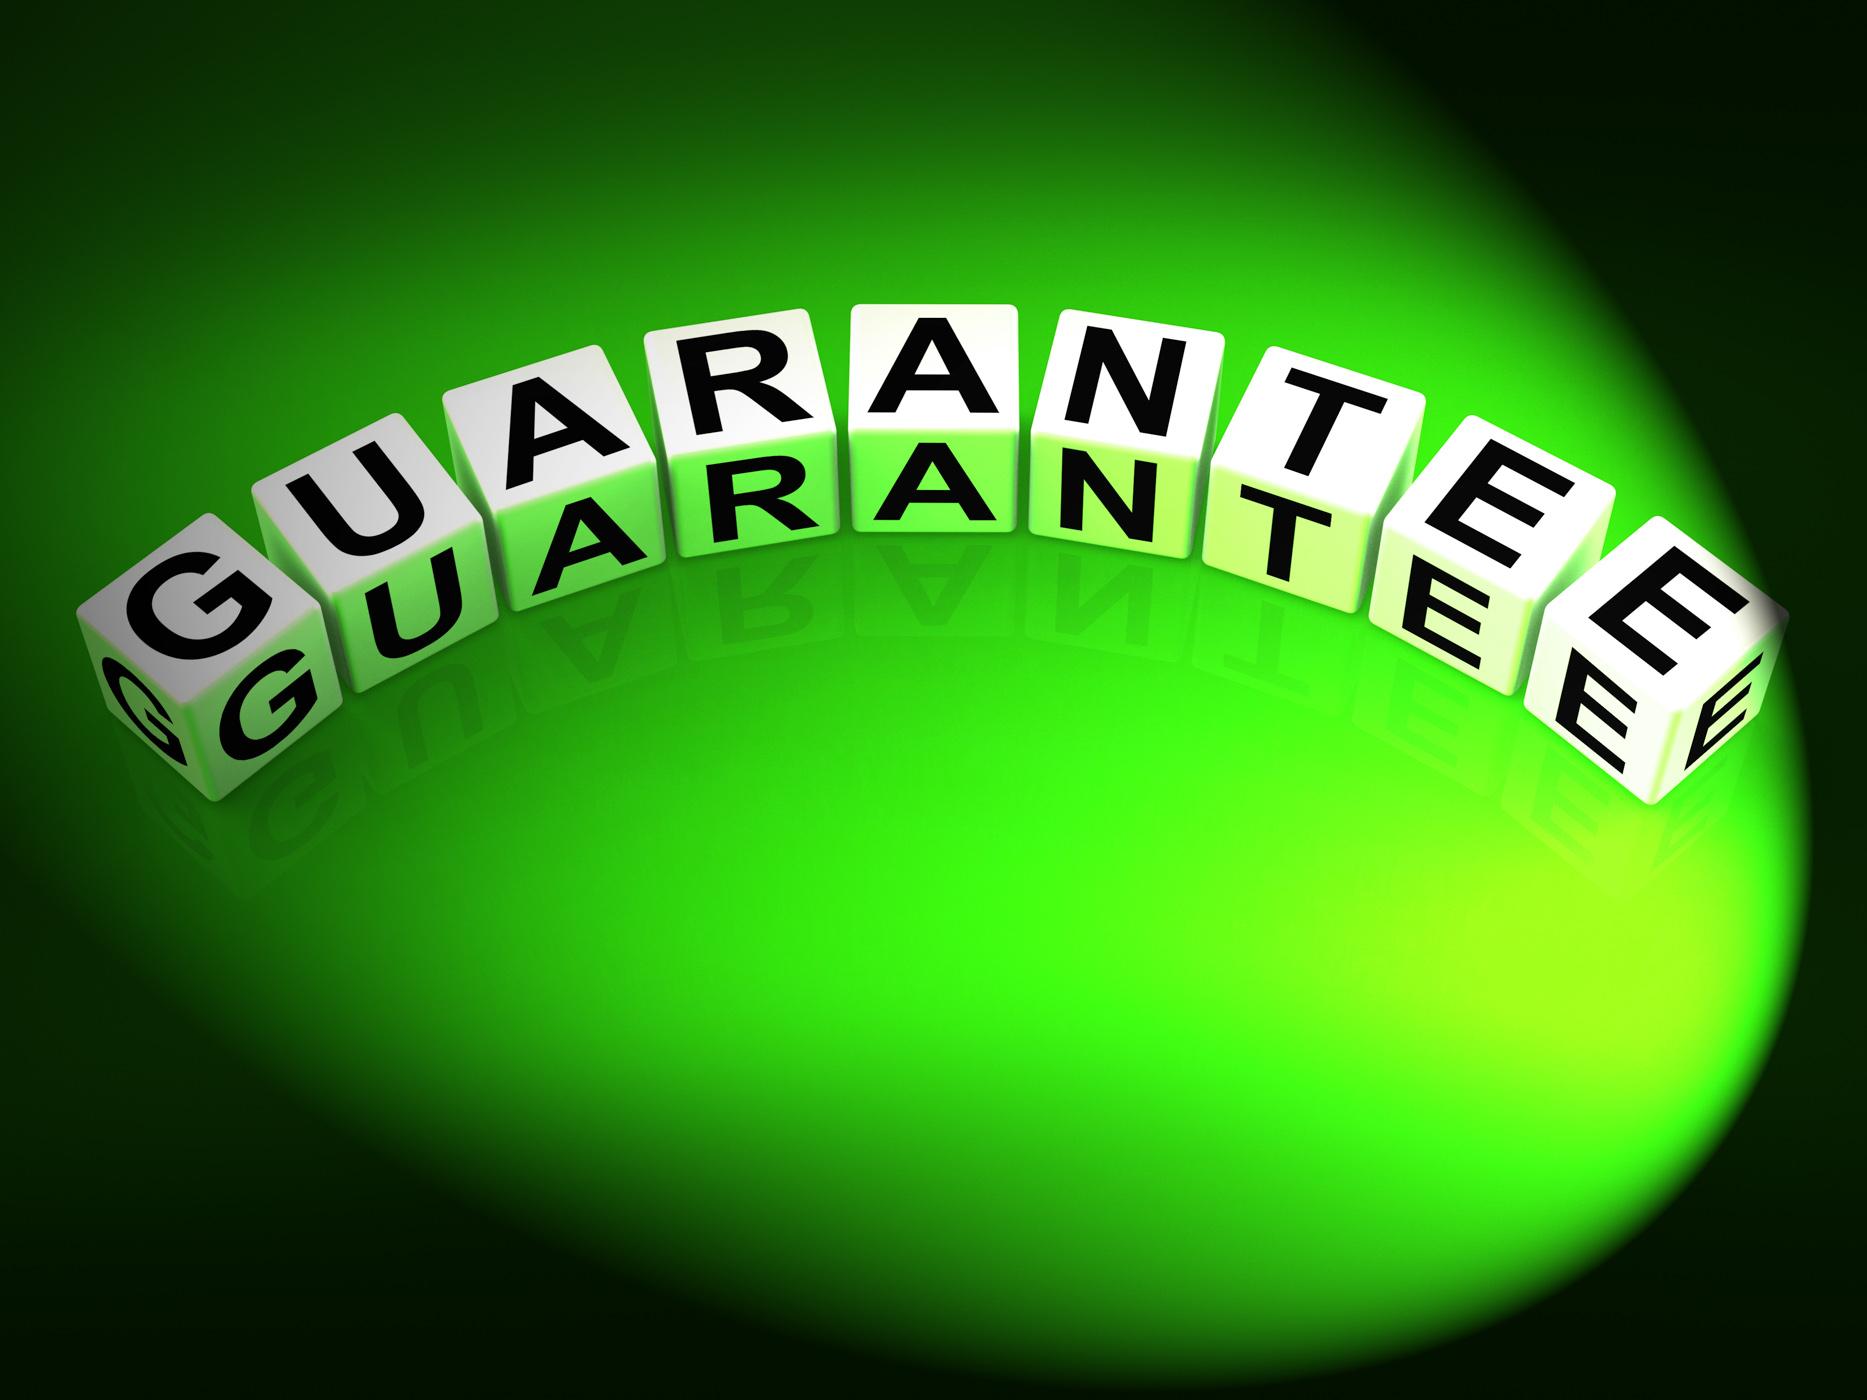 Guarantee dice show pledge of risk free guaranteed photo